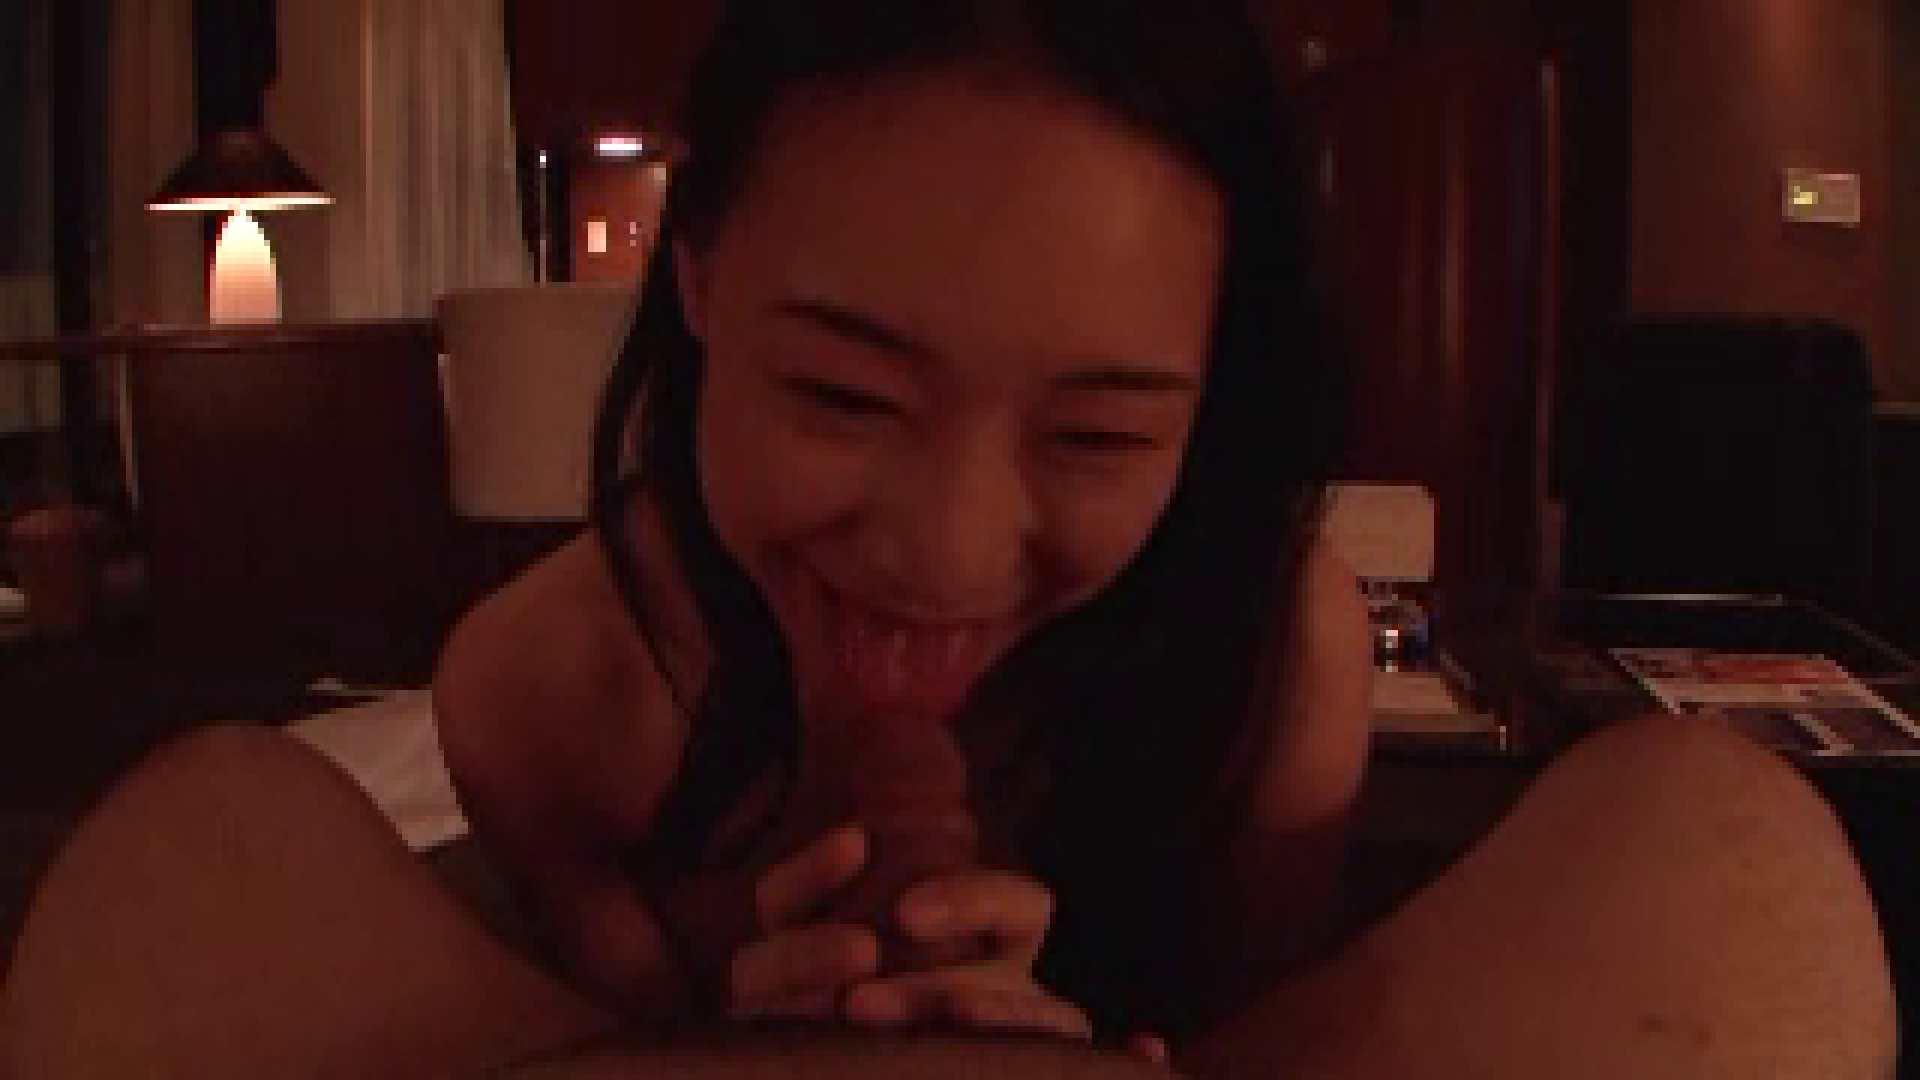 親友同士で競演 超美形のSEXパーティ Vol.04 エッチな熟女 AV動画キャプチャ 85pic 50